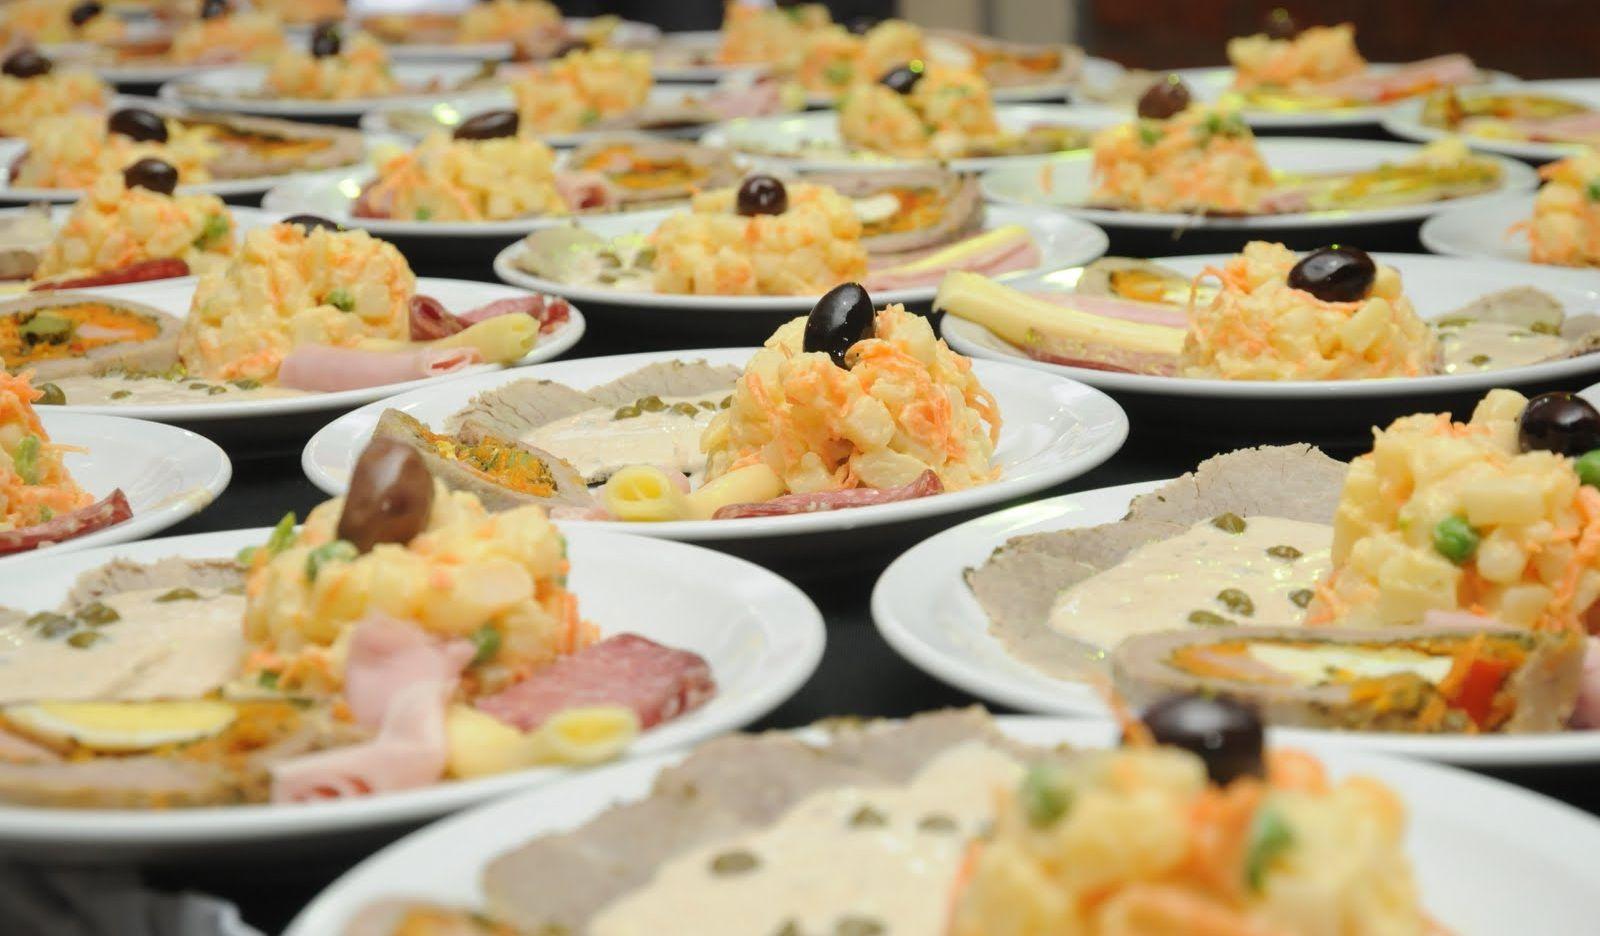 area-esparcimiento-soles-gastronomia